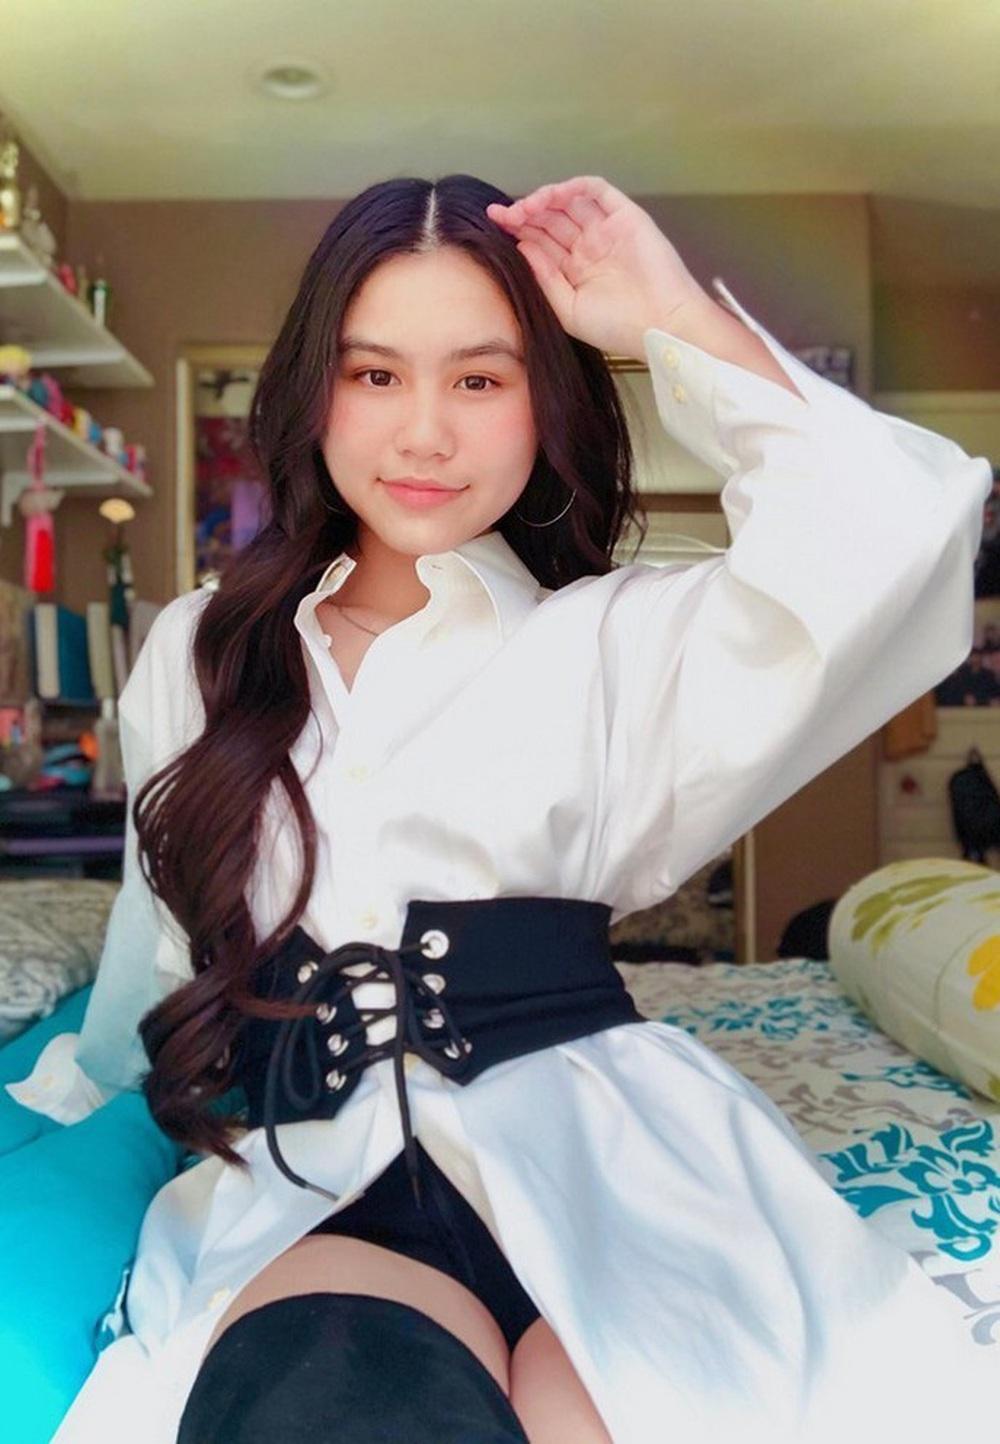 Vẻ phổng phao, tài giỏi ở tuổi 17 của con gái ruột NSƯT Ngọc Huyền - Ảnh 4.